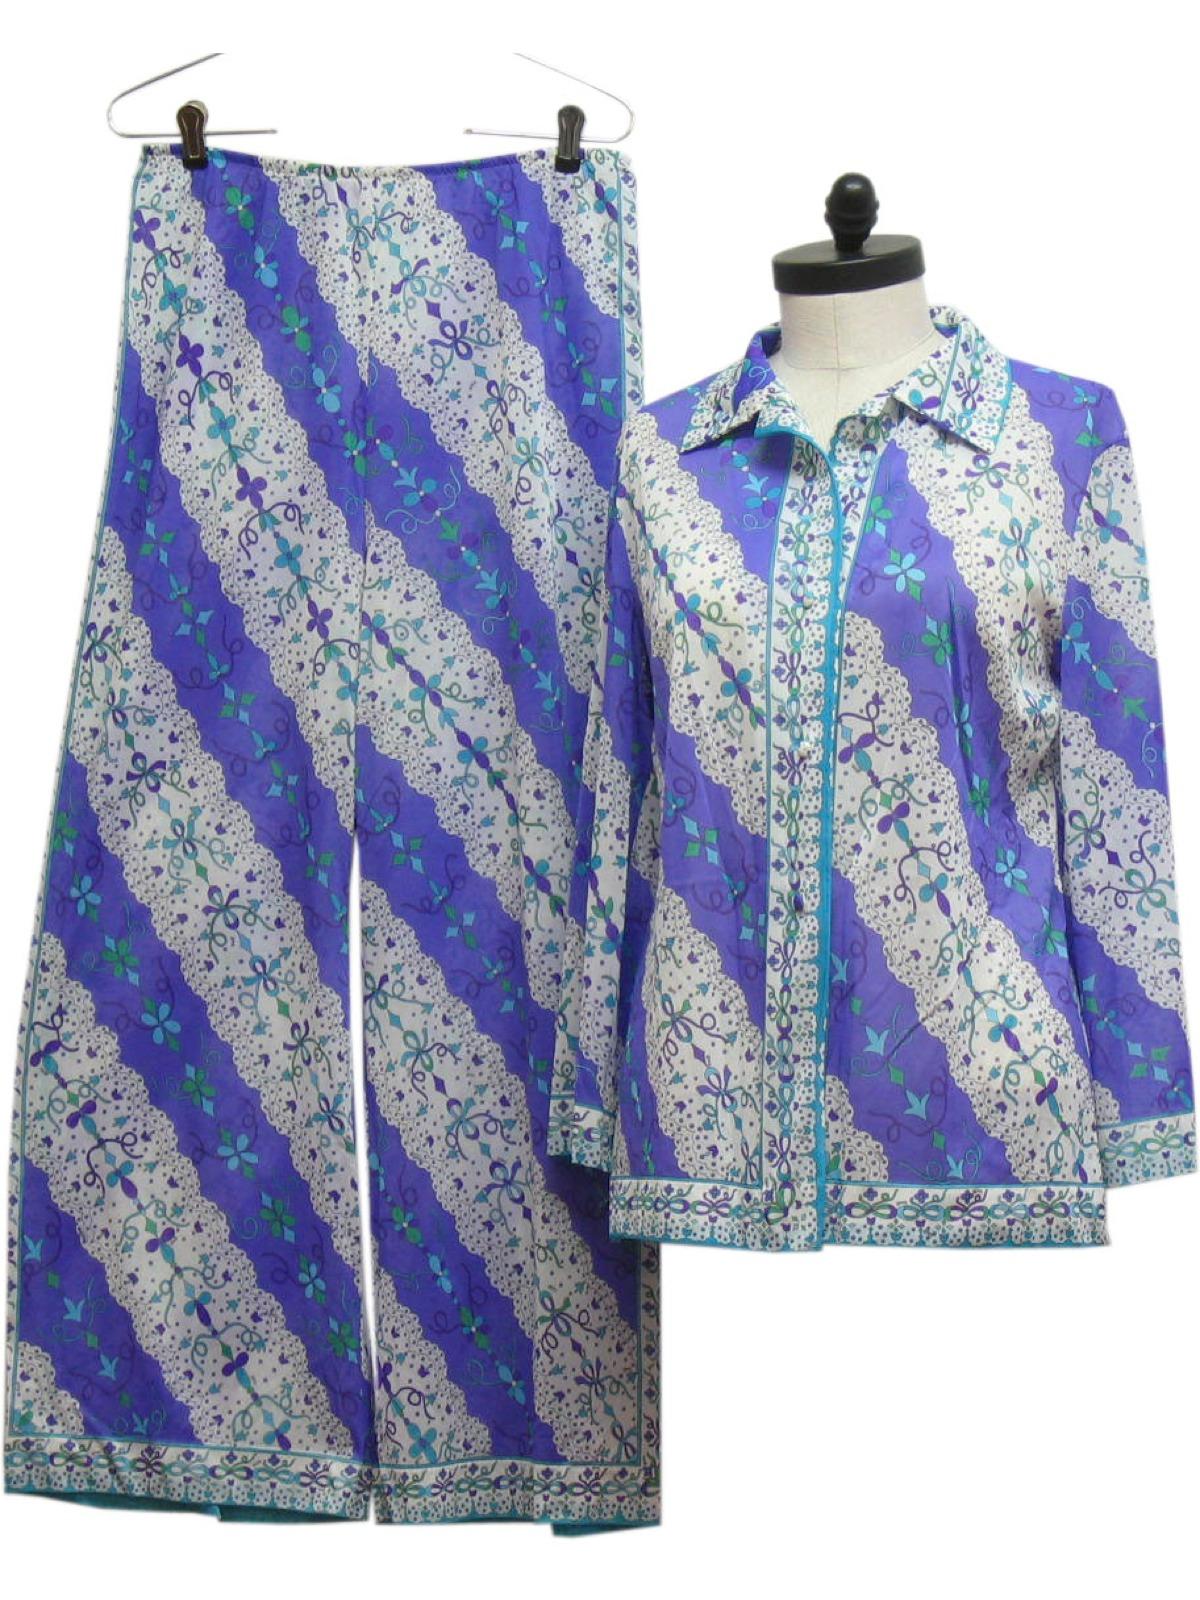 9a6456d48167 1960 s Womens Lingerie - Pajama Set   60s -Emilio Pucci